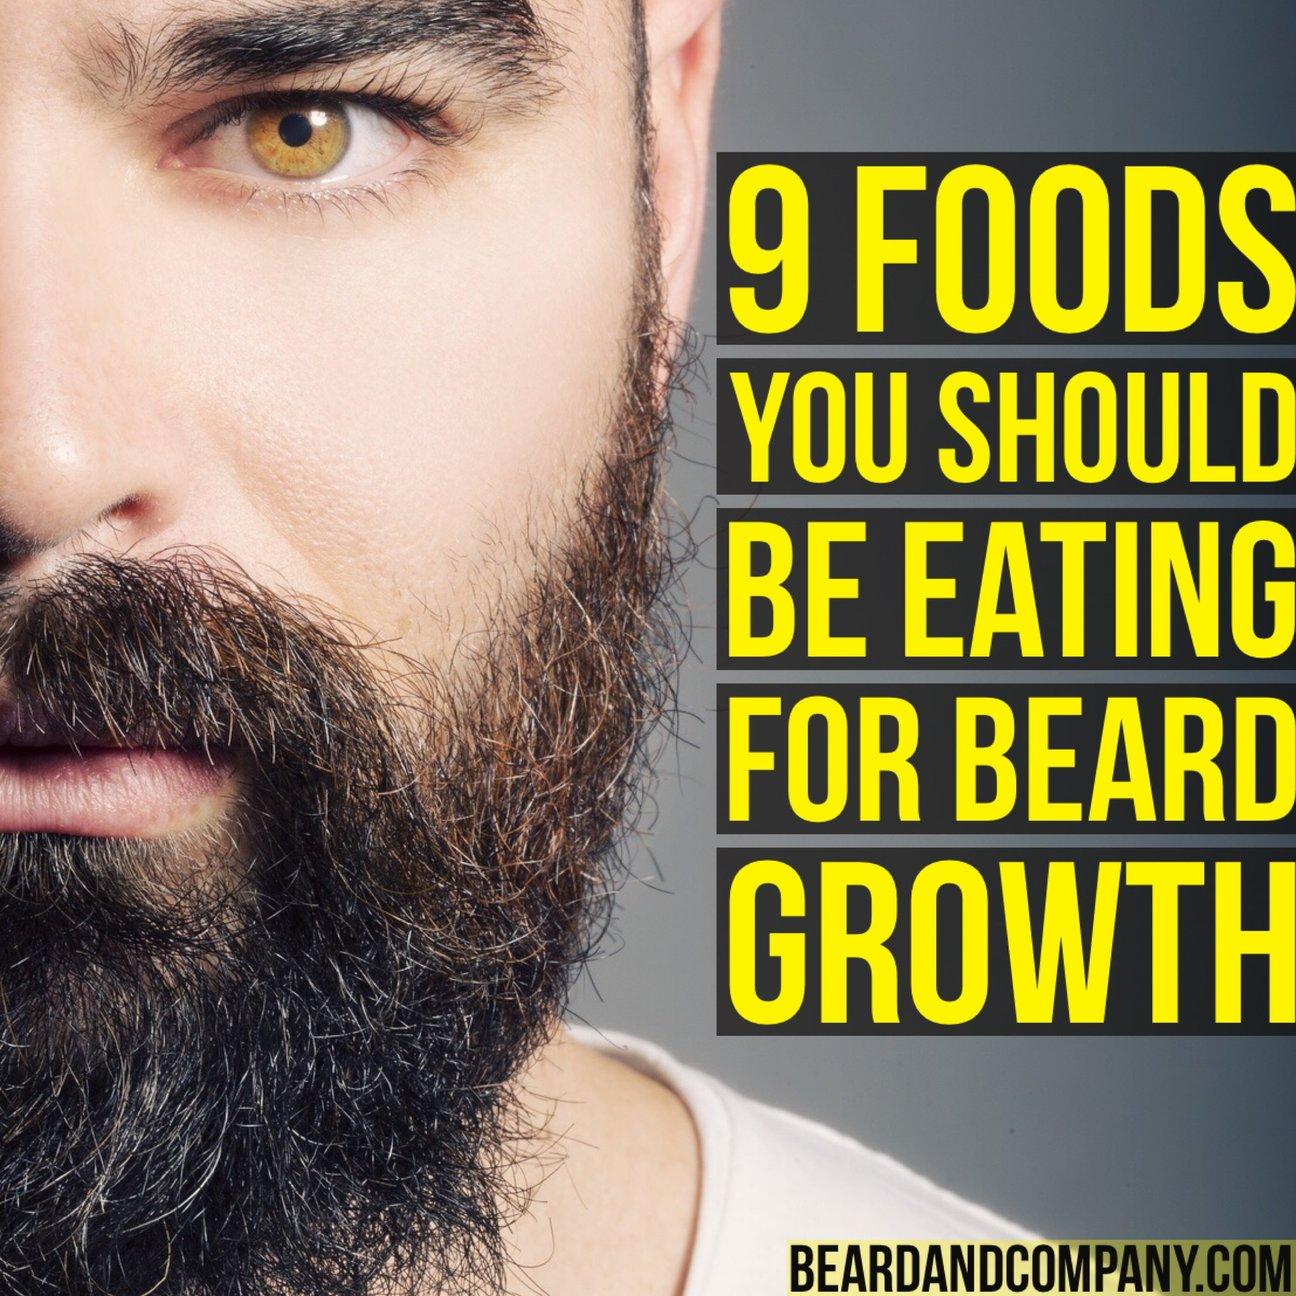 pics How to Help Beard Growth